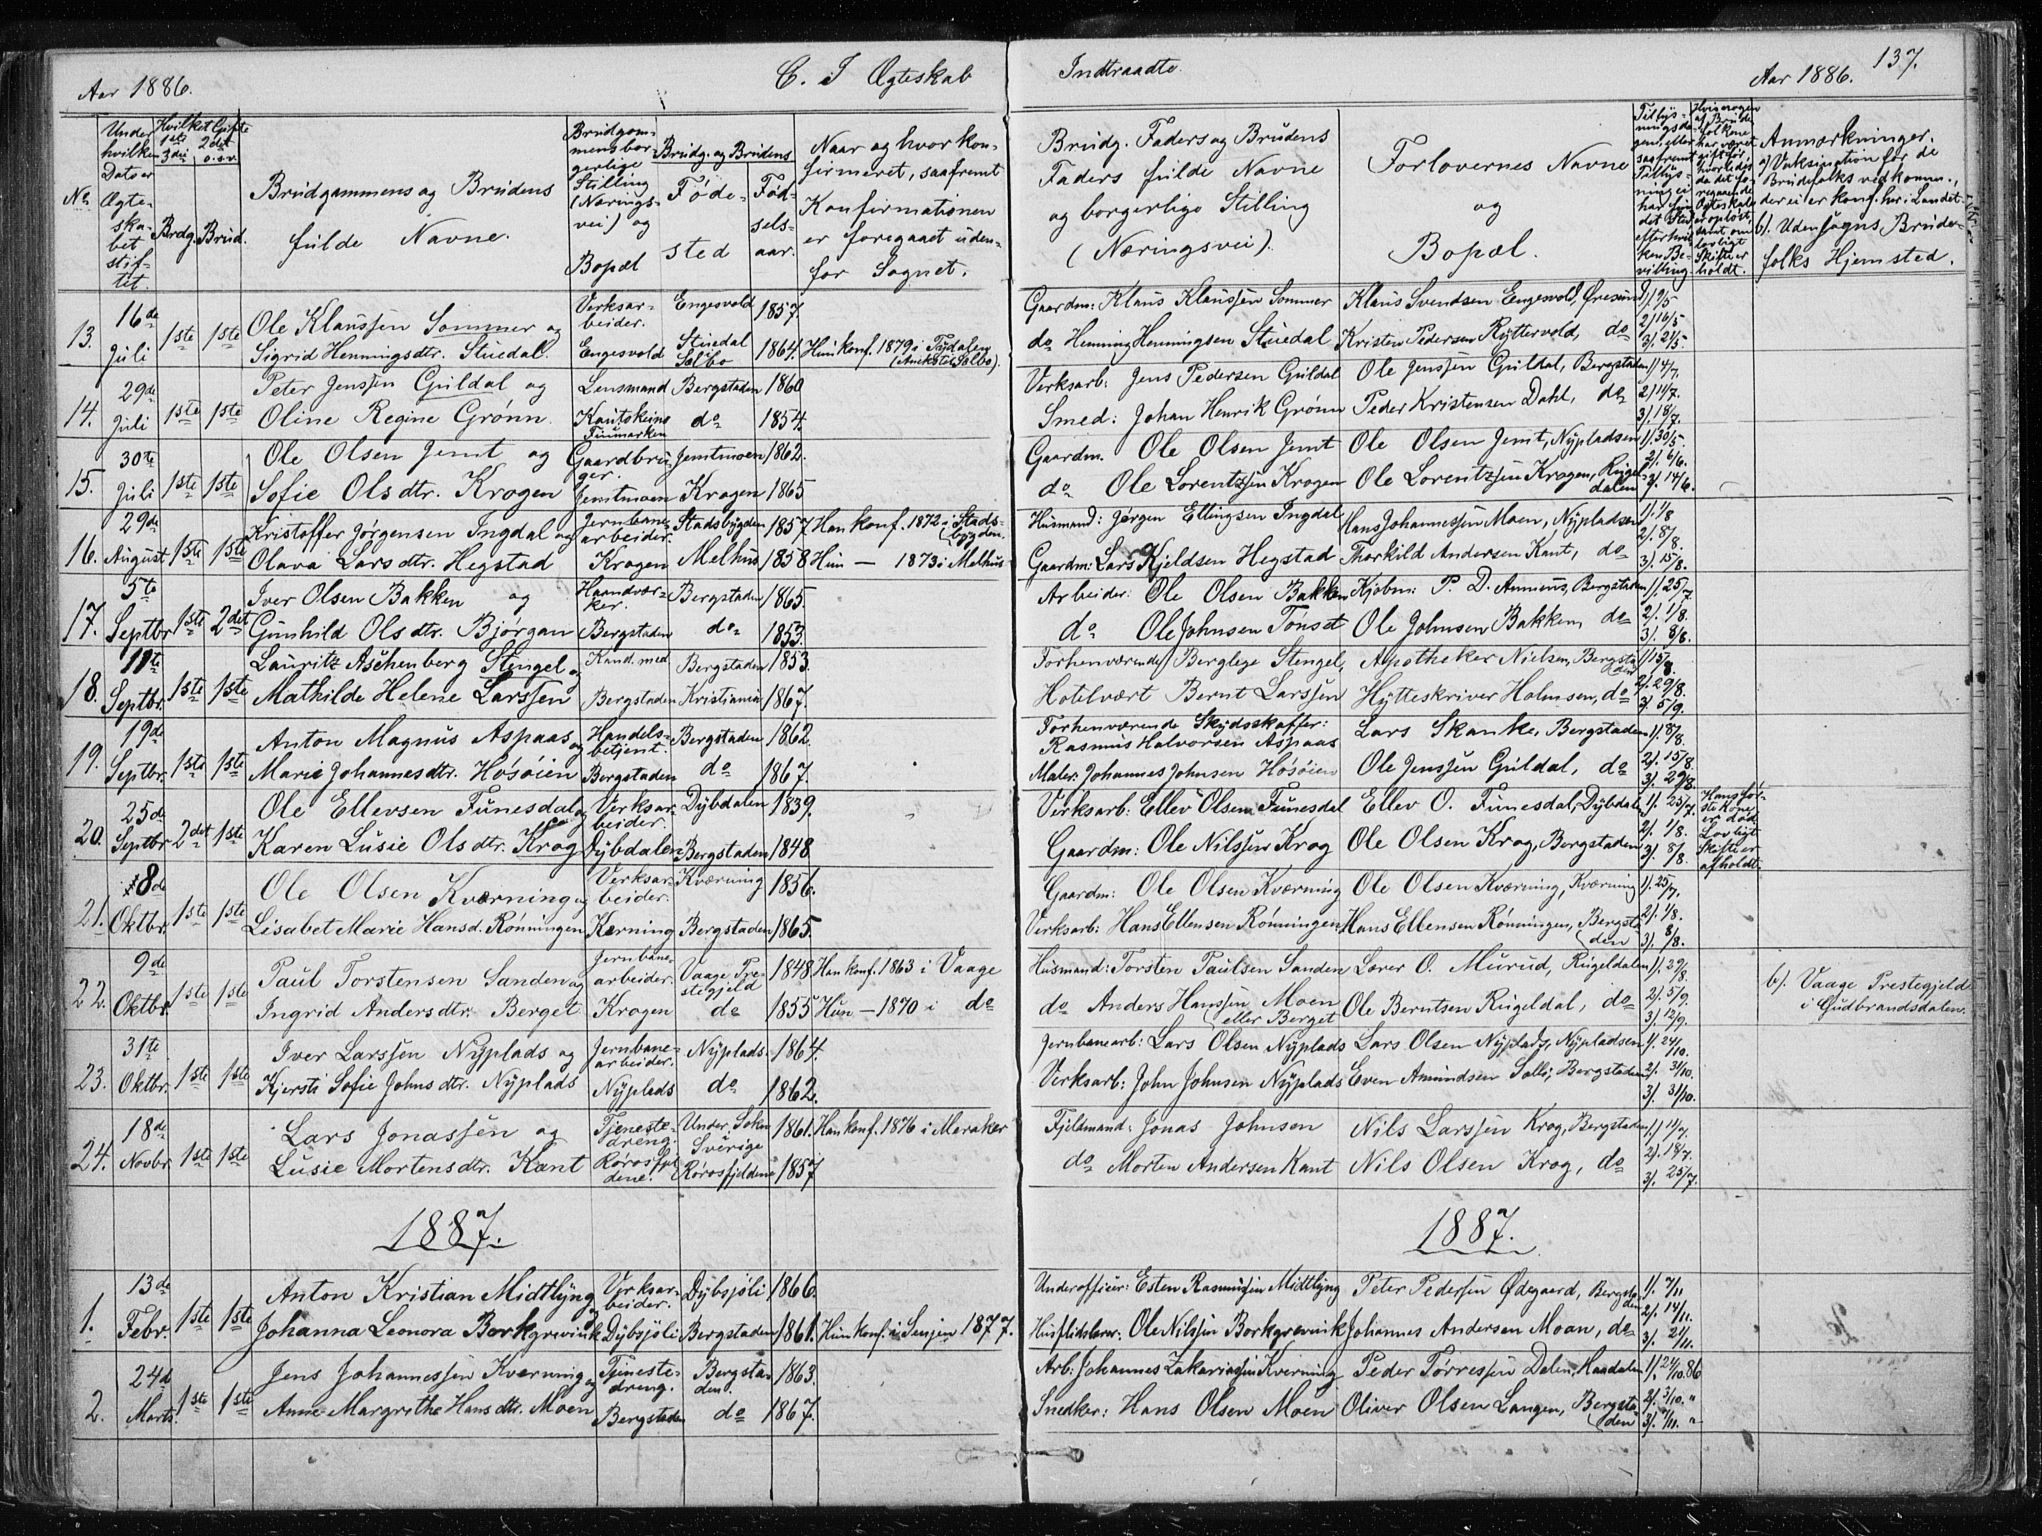 SAT, Ministerialprotokoller, klokkerbøker og fødselsregistre - Sør-Trøndelag, 681/L0940: Klokkerbok nr. 681C04, 1880-1895, s. 137